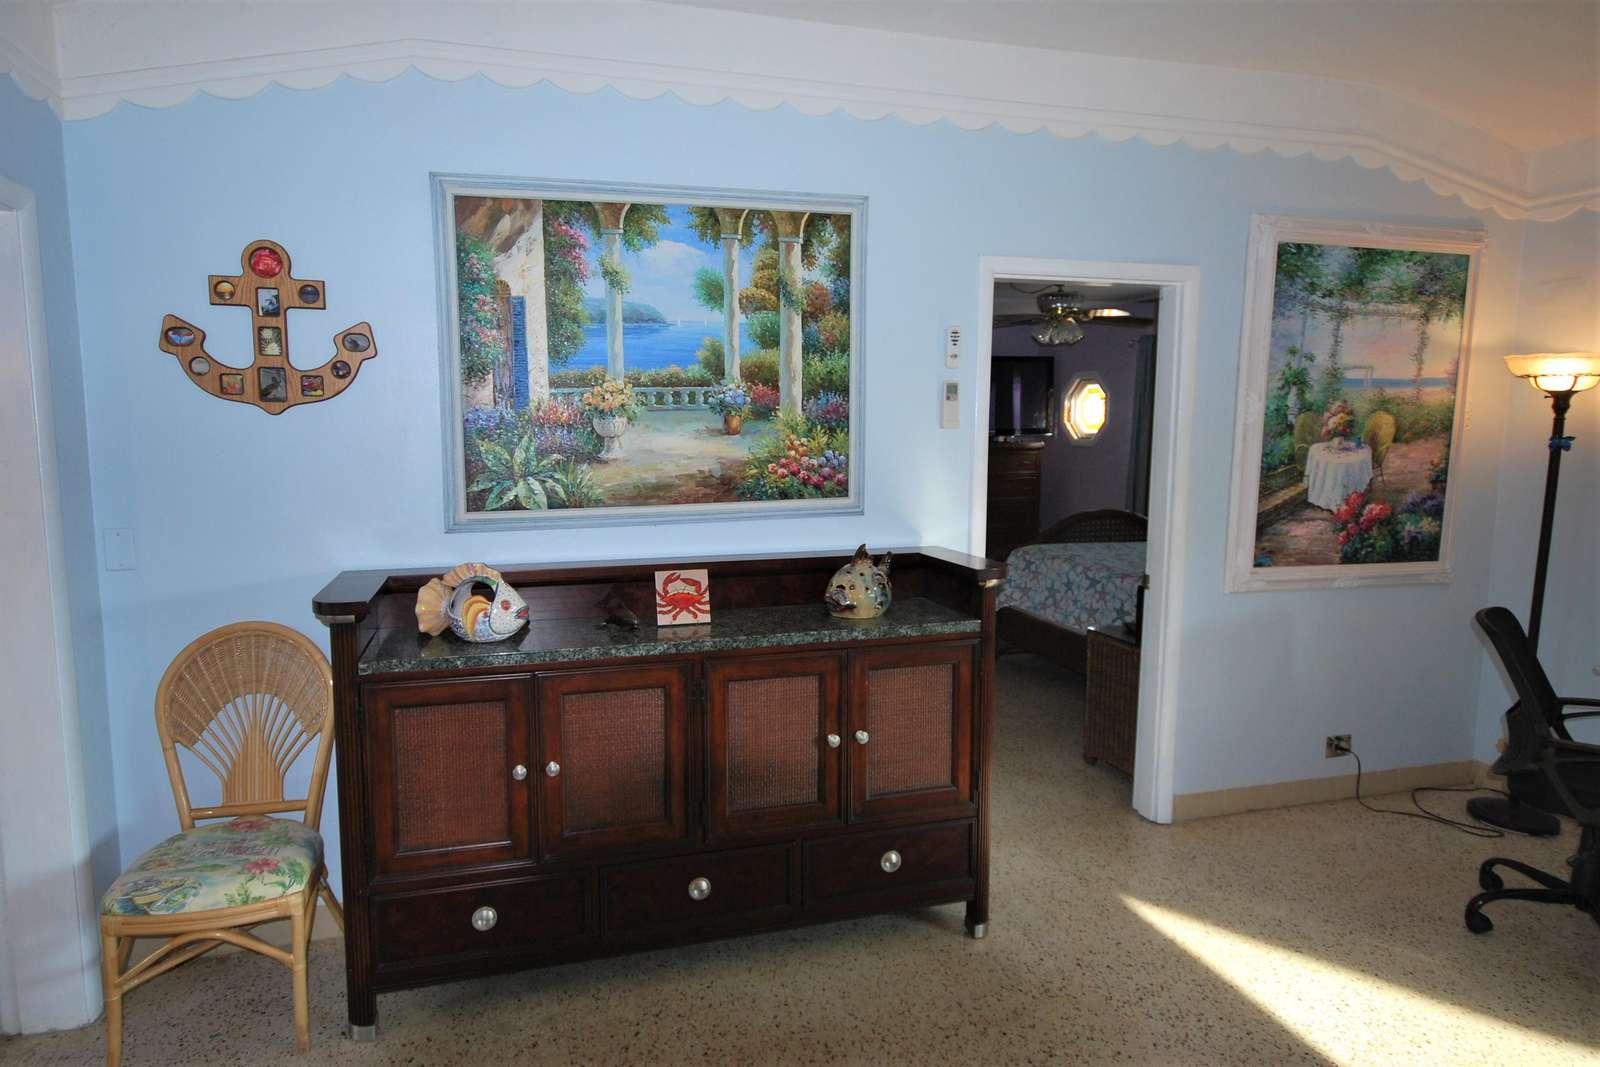 Spacious Living room with Florida Keys art